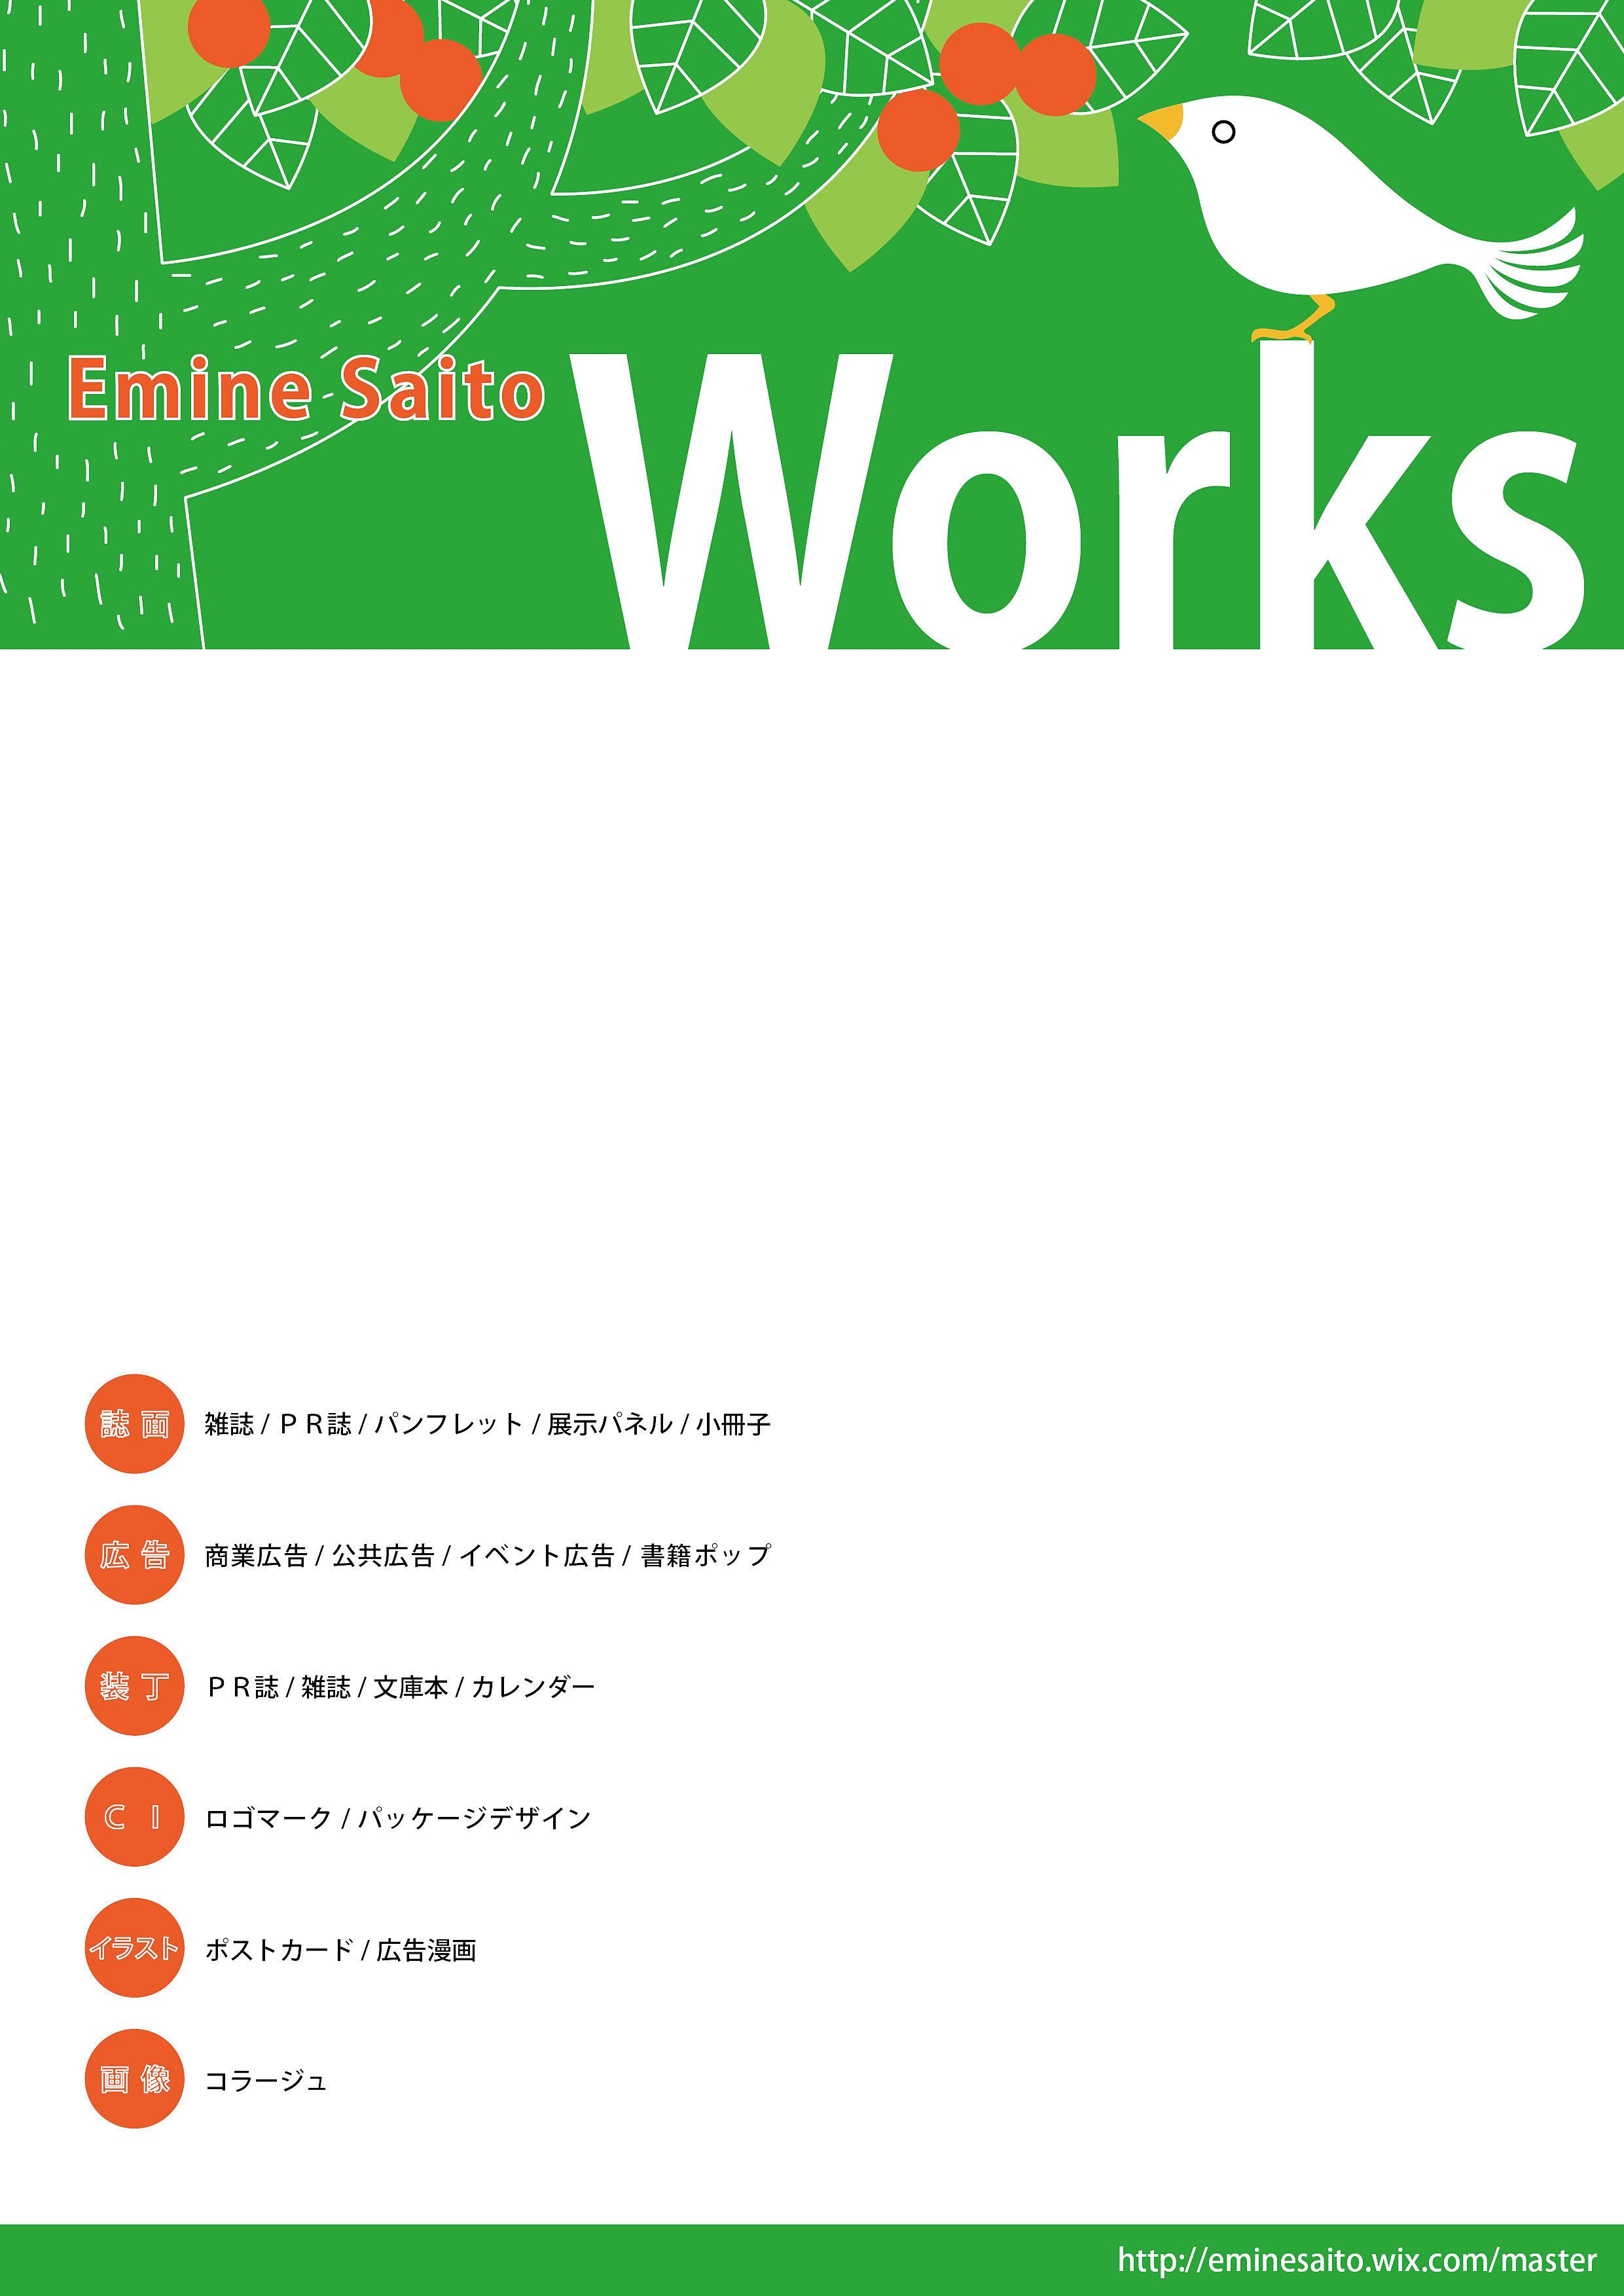 サイトウエミネ イラスト・レイアウトデザイン ポートフォリオ表紙